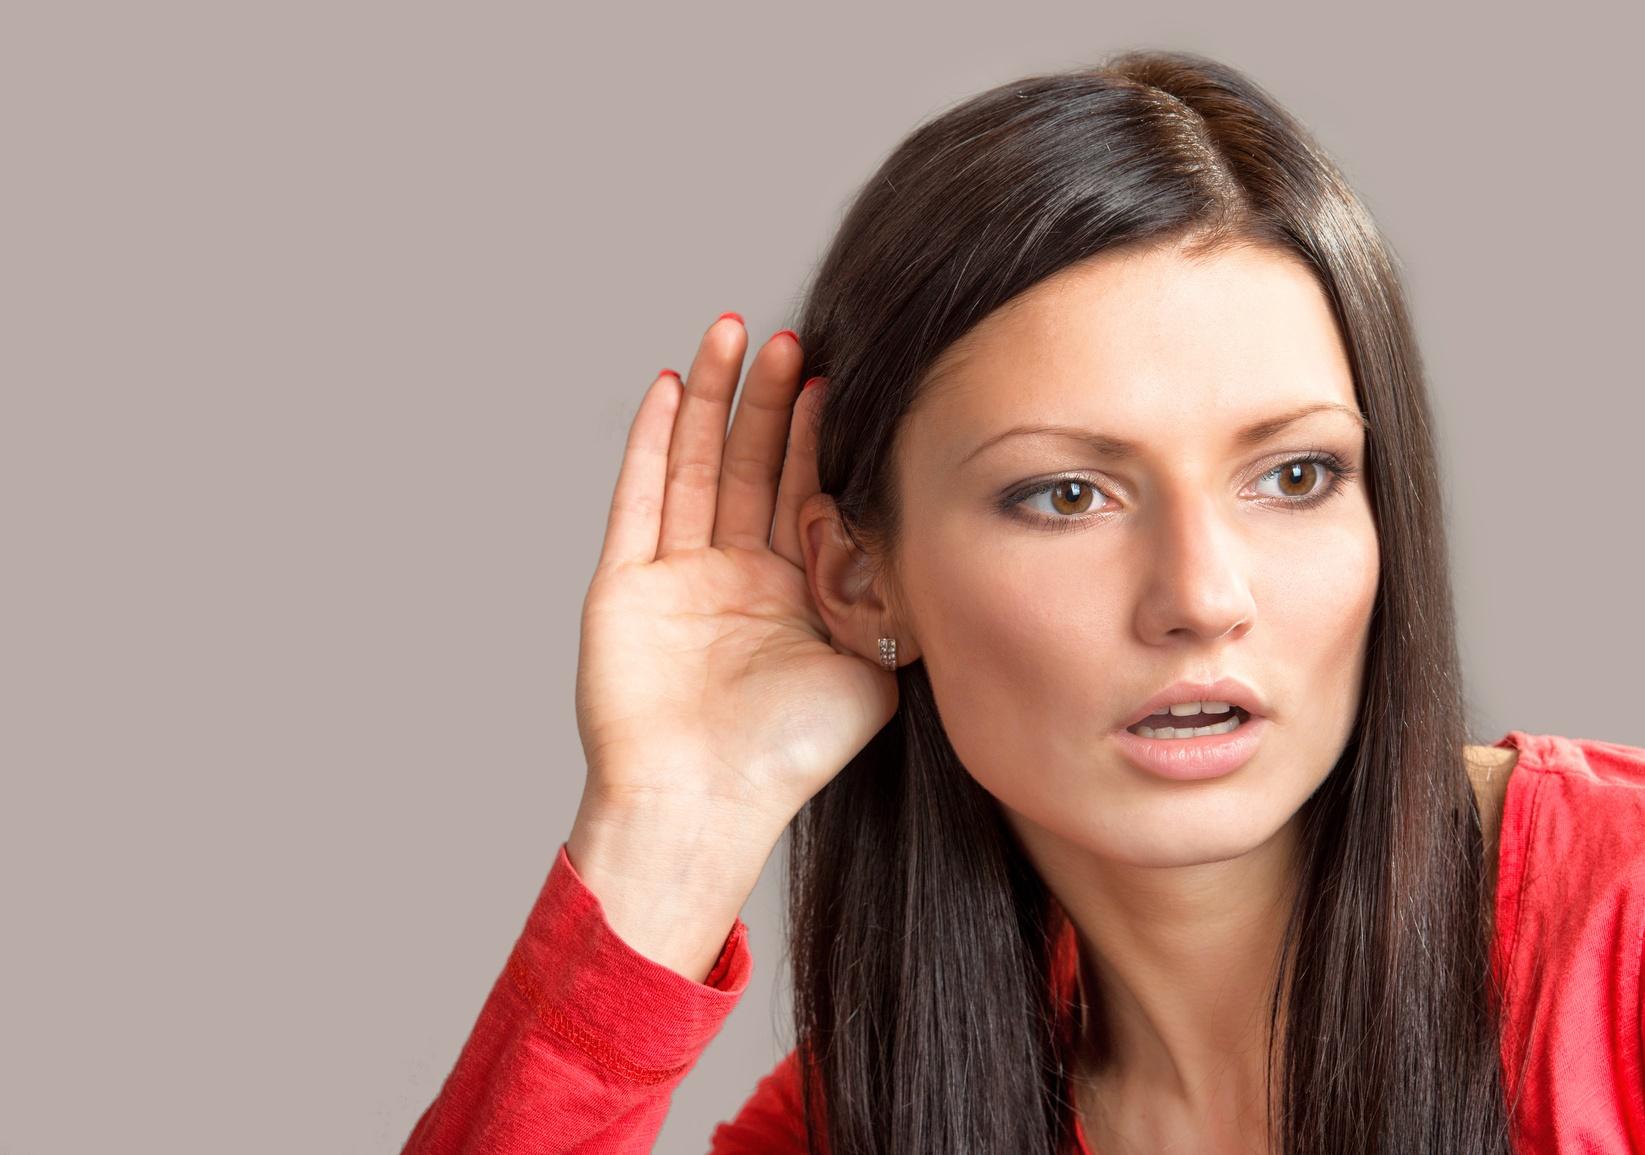 A fost lansata prima aplicatie gratuita din Romania de invatare a limbajului semnelor